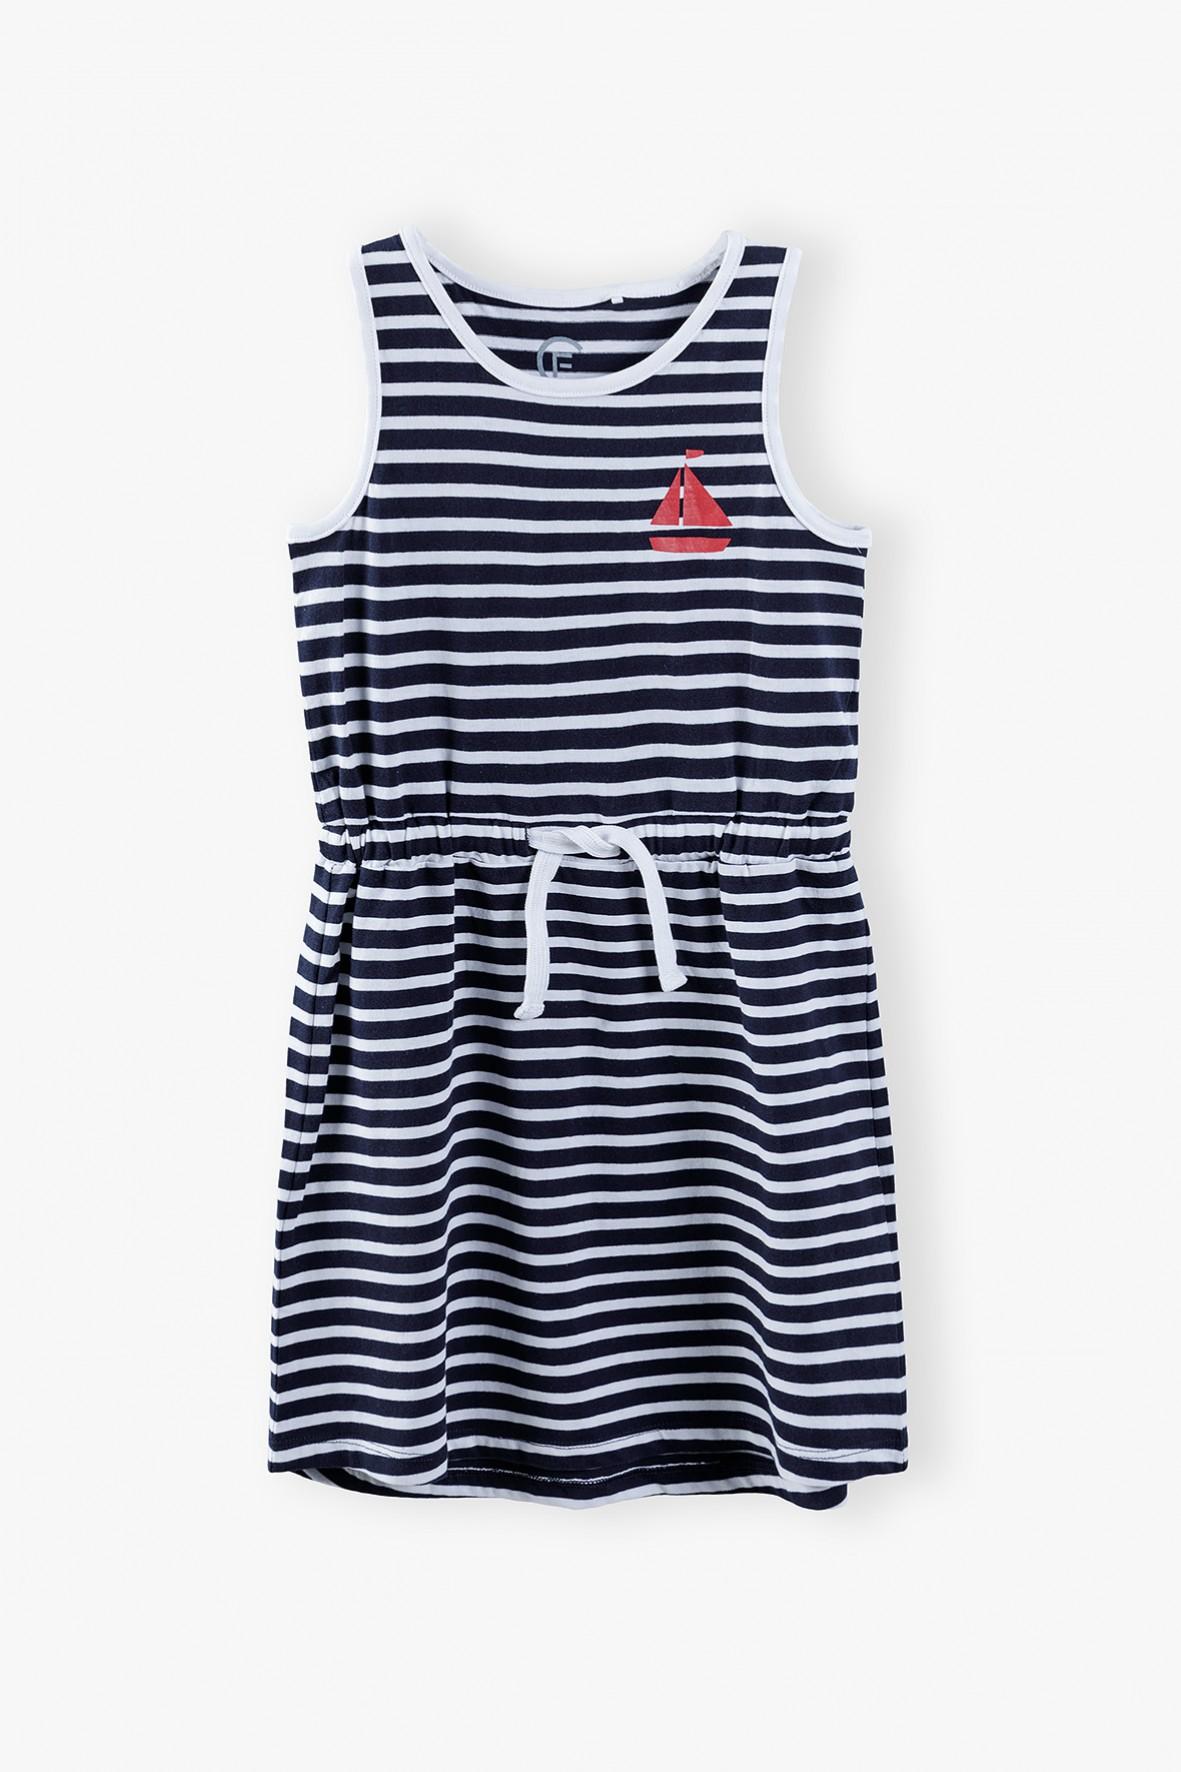 Bawełniana granatowa sukienka dziewczęca w paski- ubrania dla całej rodziny